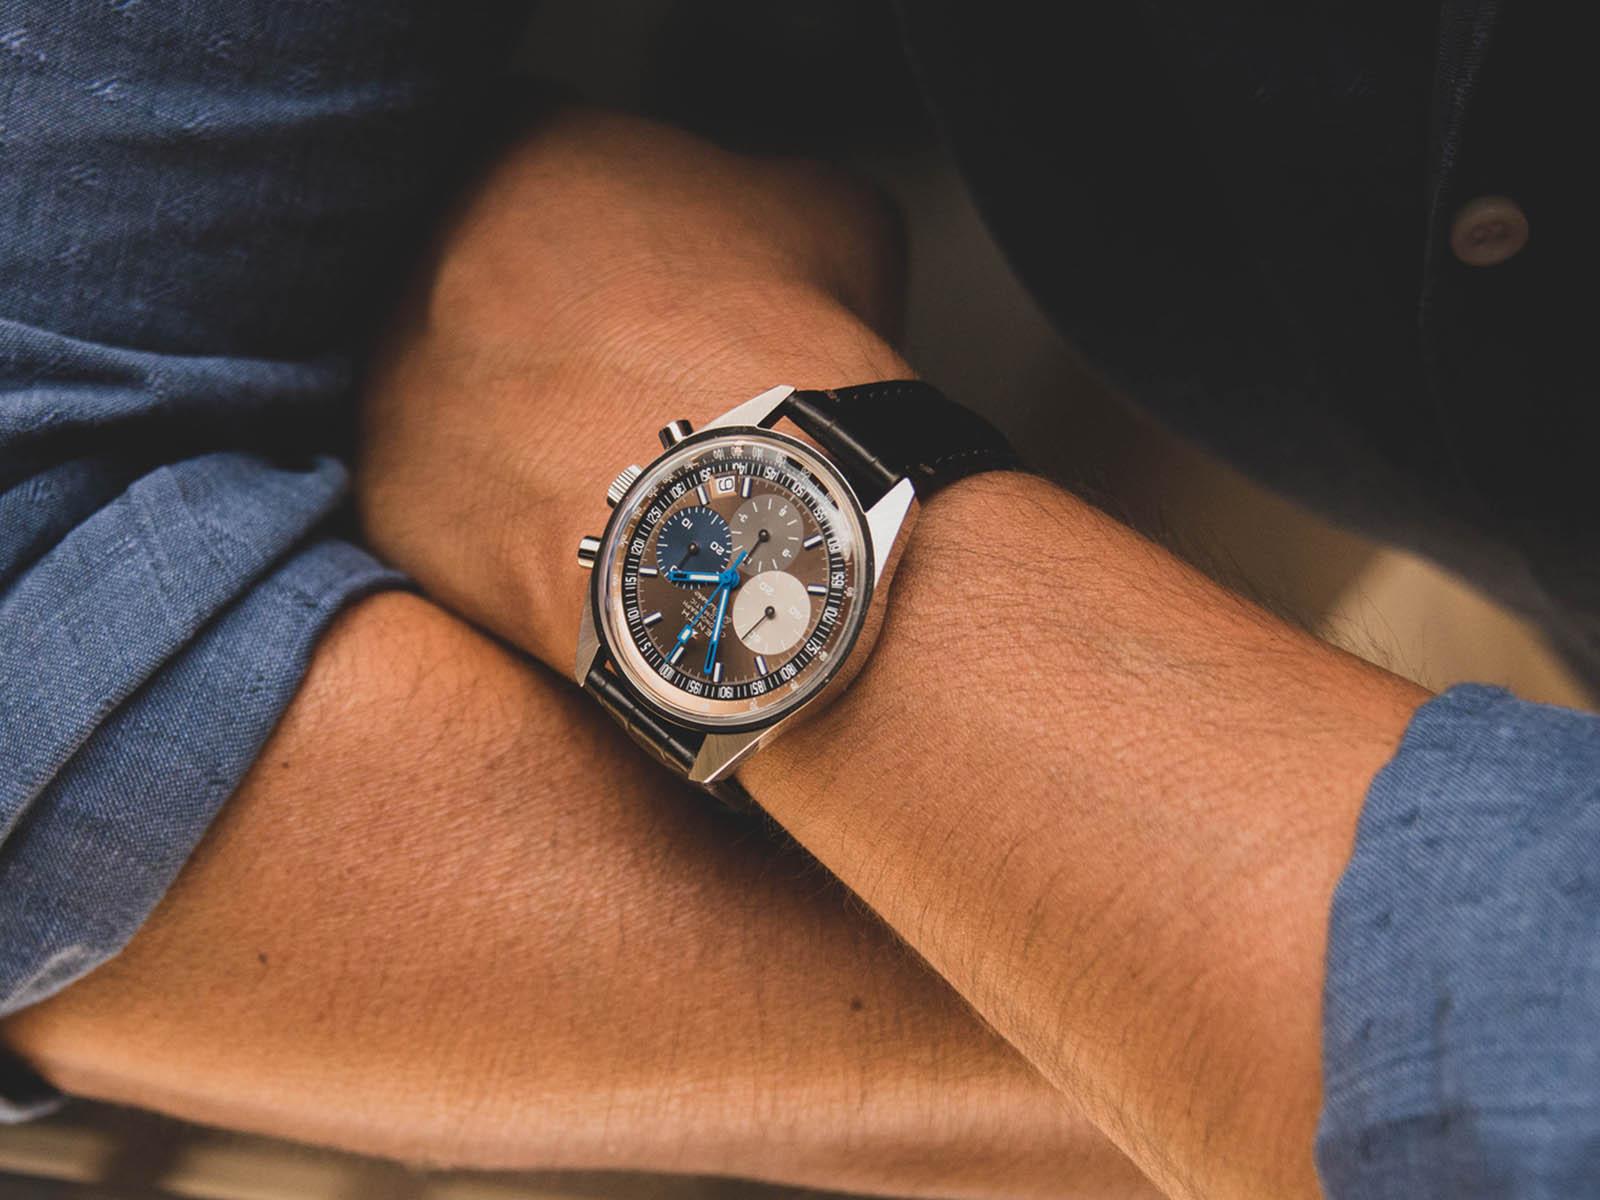 03-f386-400-70-c807-zenith-el-primero-a386-revival-fine-watch-club-edition-3.jpg